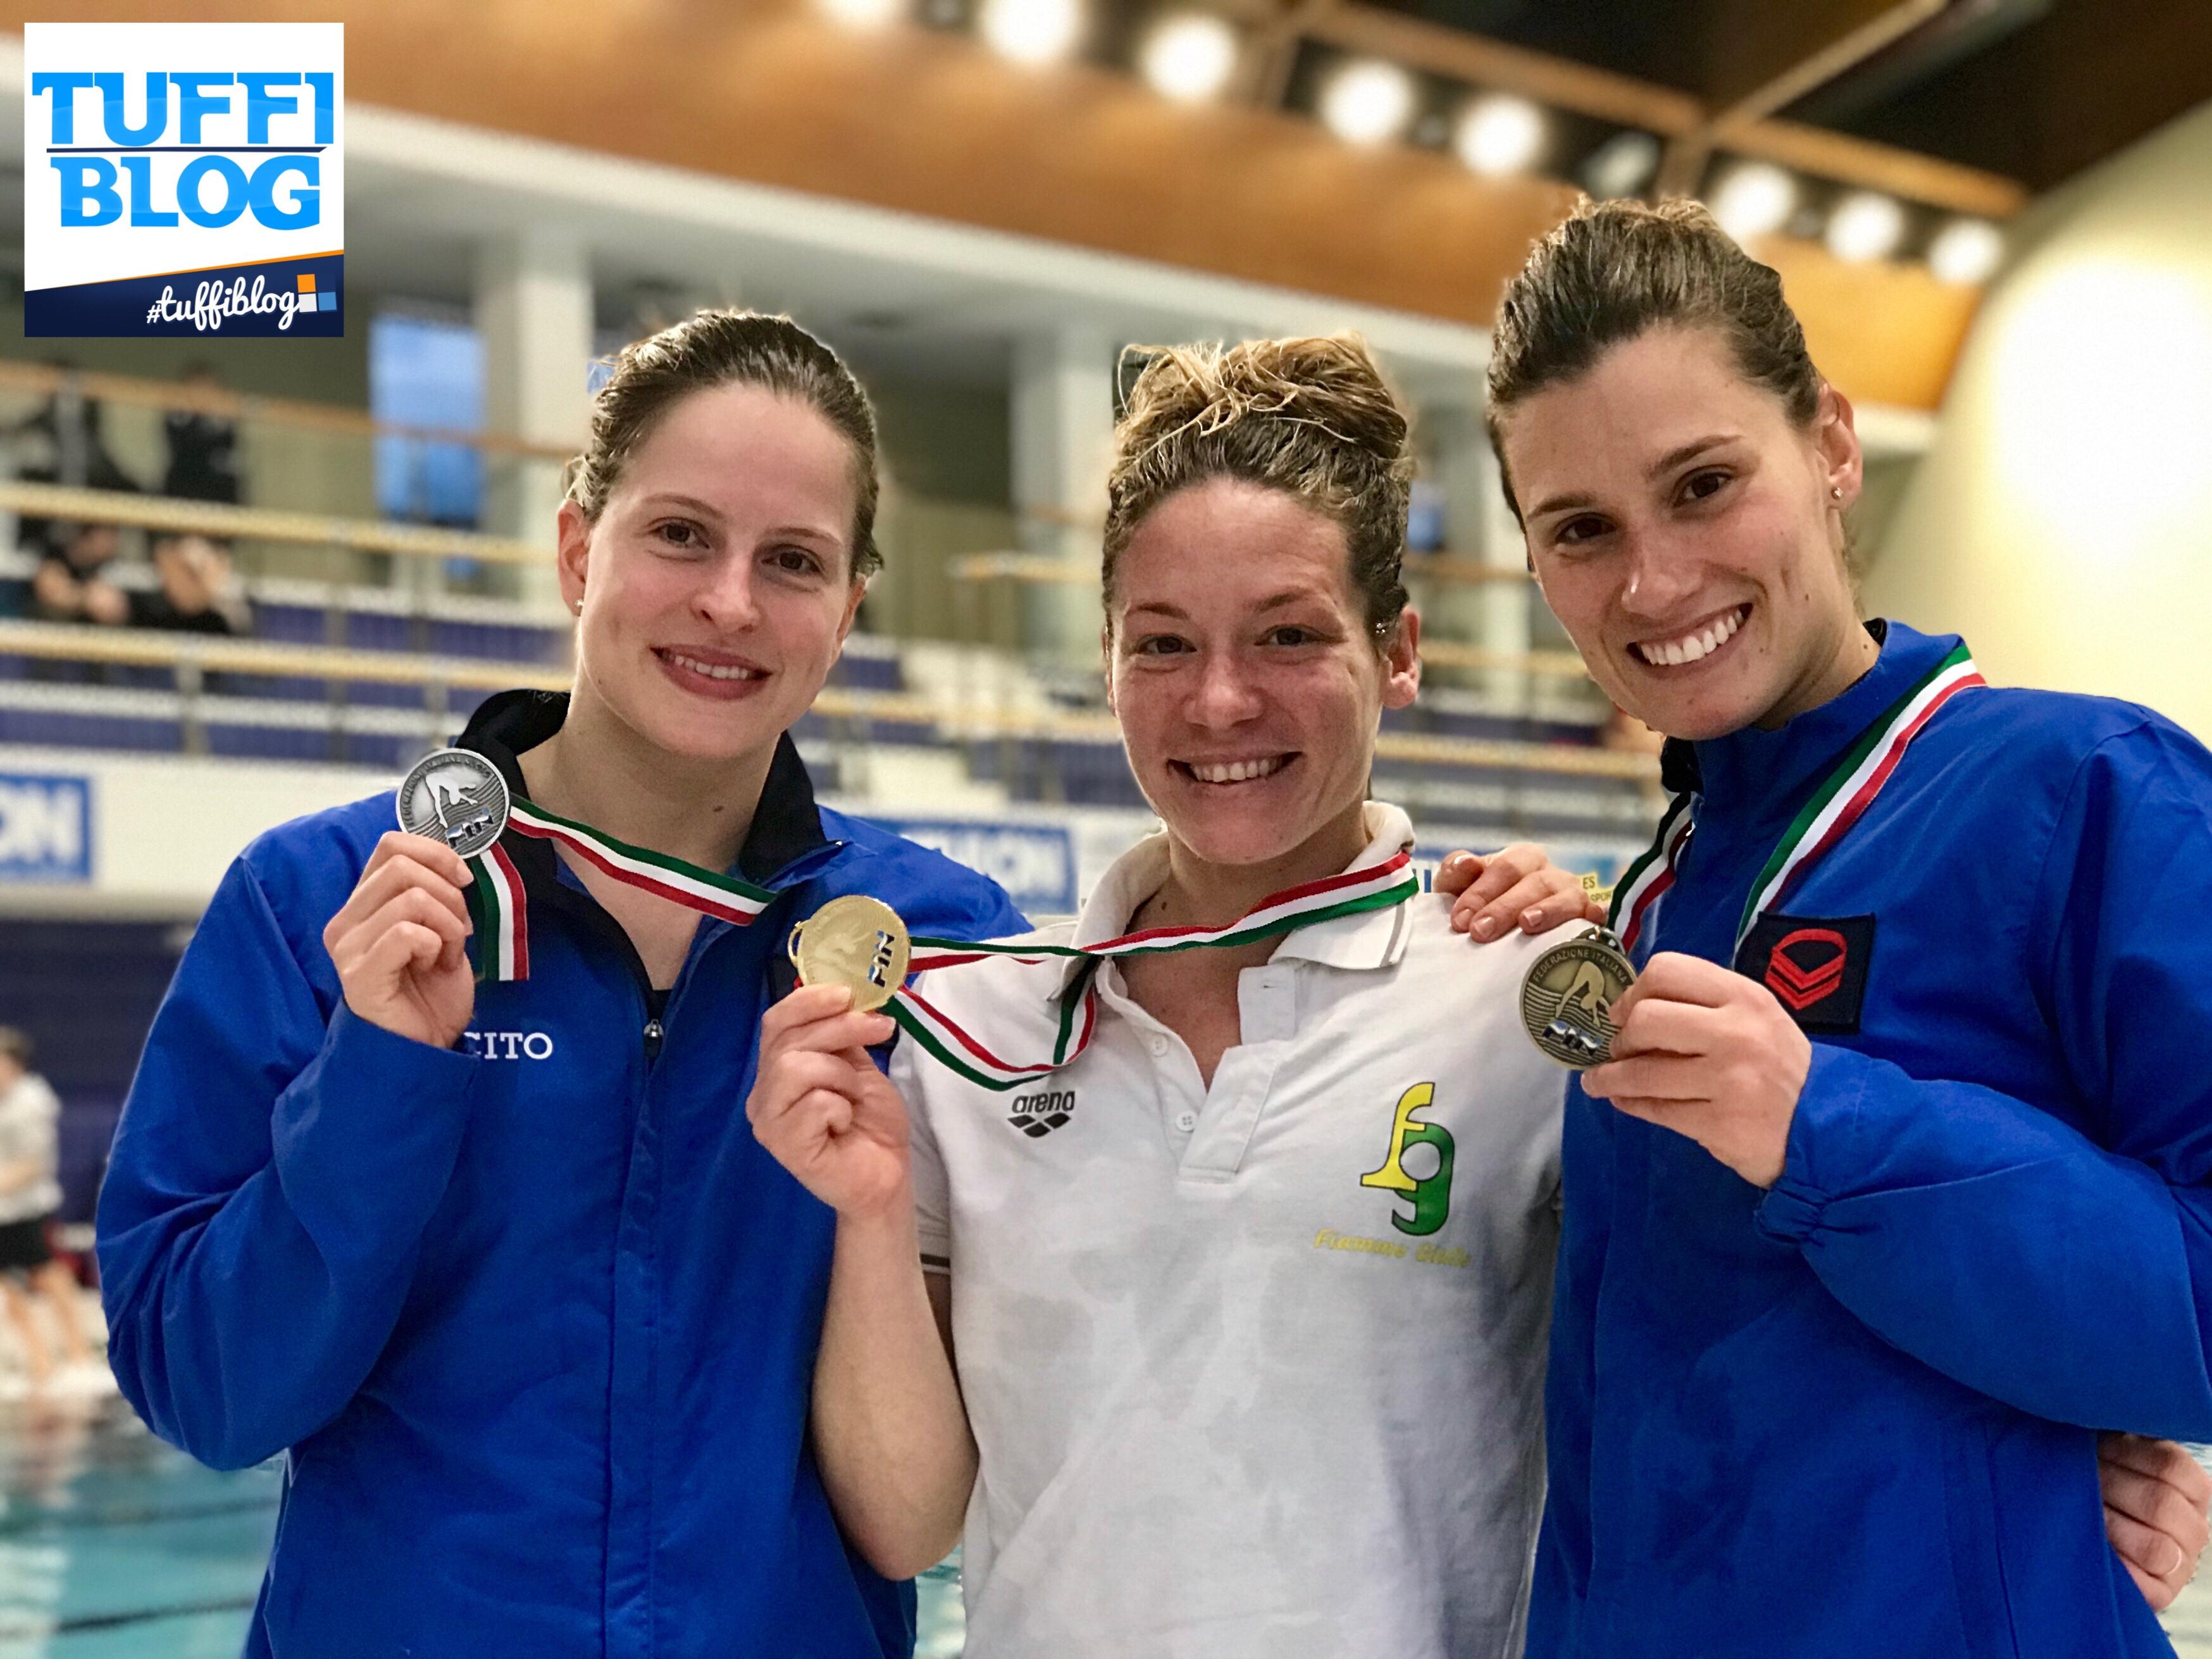 Coppa Tokyo: Bolzano - Tutte le medaglie della 2ª giornata!